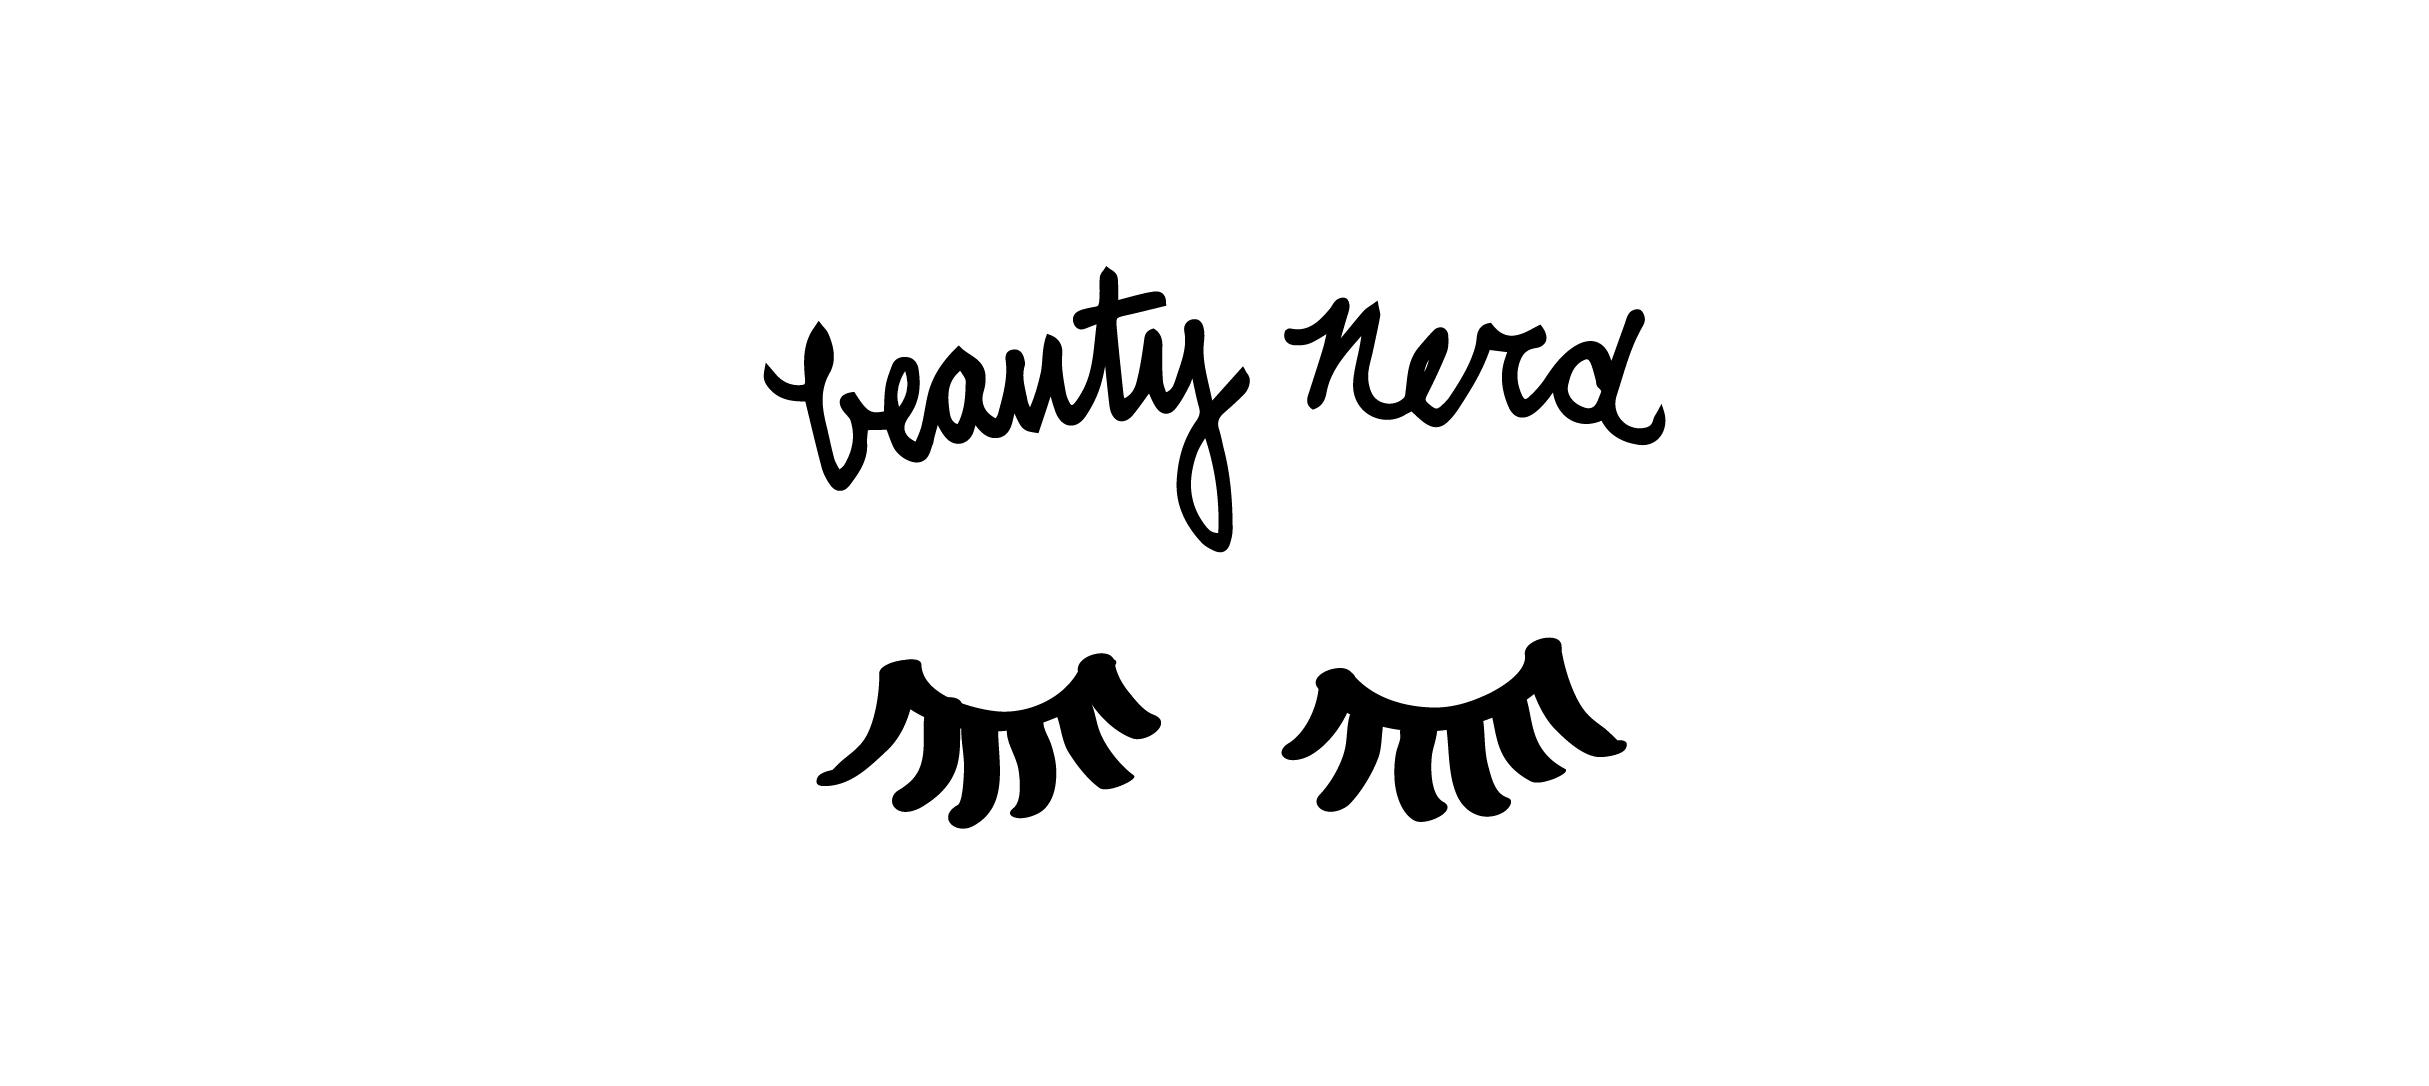 Custom type and eyelash Illustration.